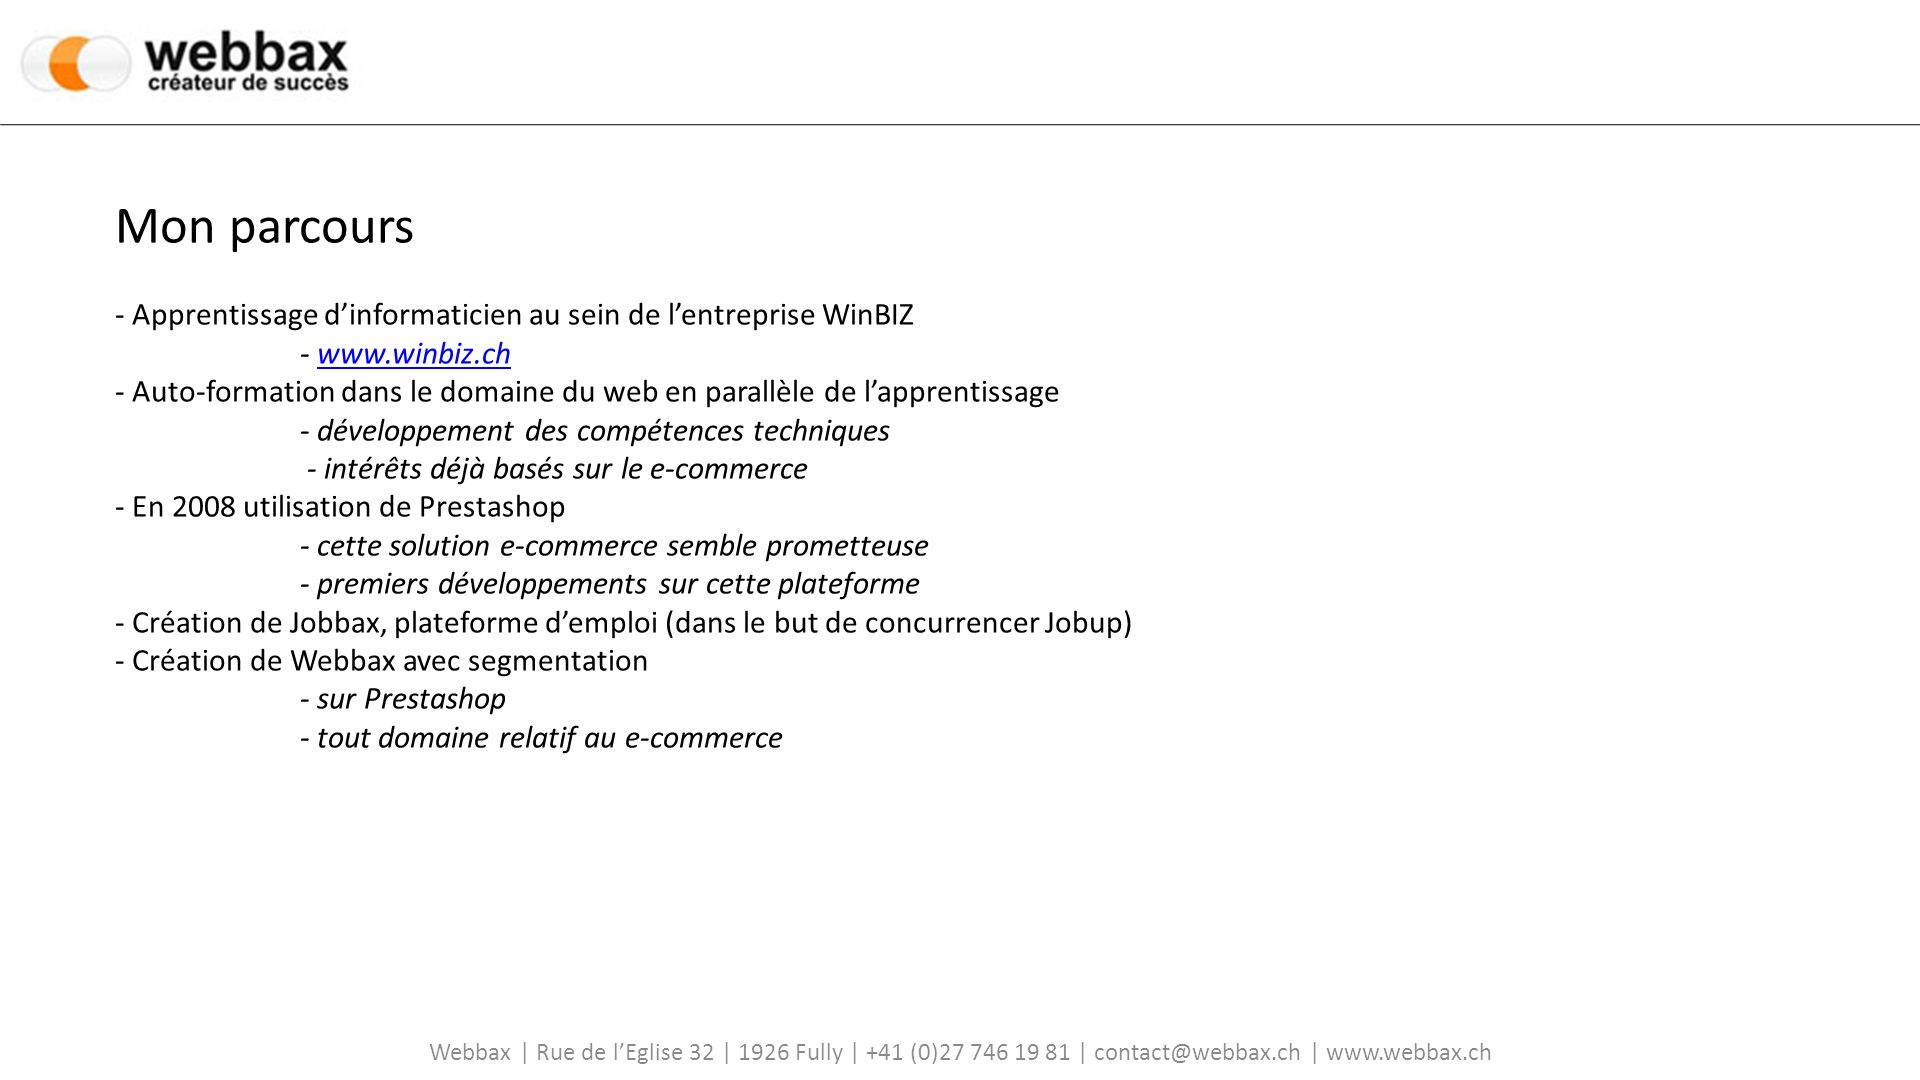 Mon parcours - Apprentissage d'informaticien au sein de l'entreprise WinBIZ - www.winbiz.ch - Auto-formation dans le domaine du web en parallèle de l'apprentissage